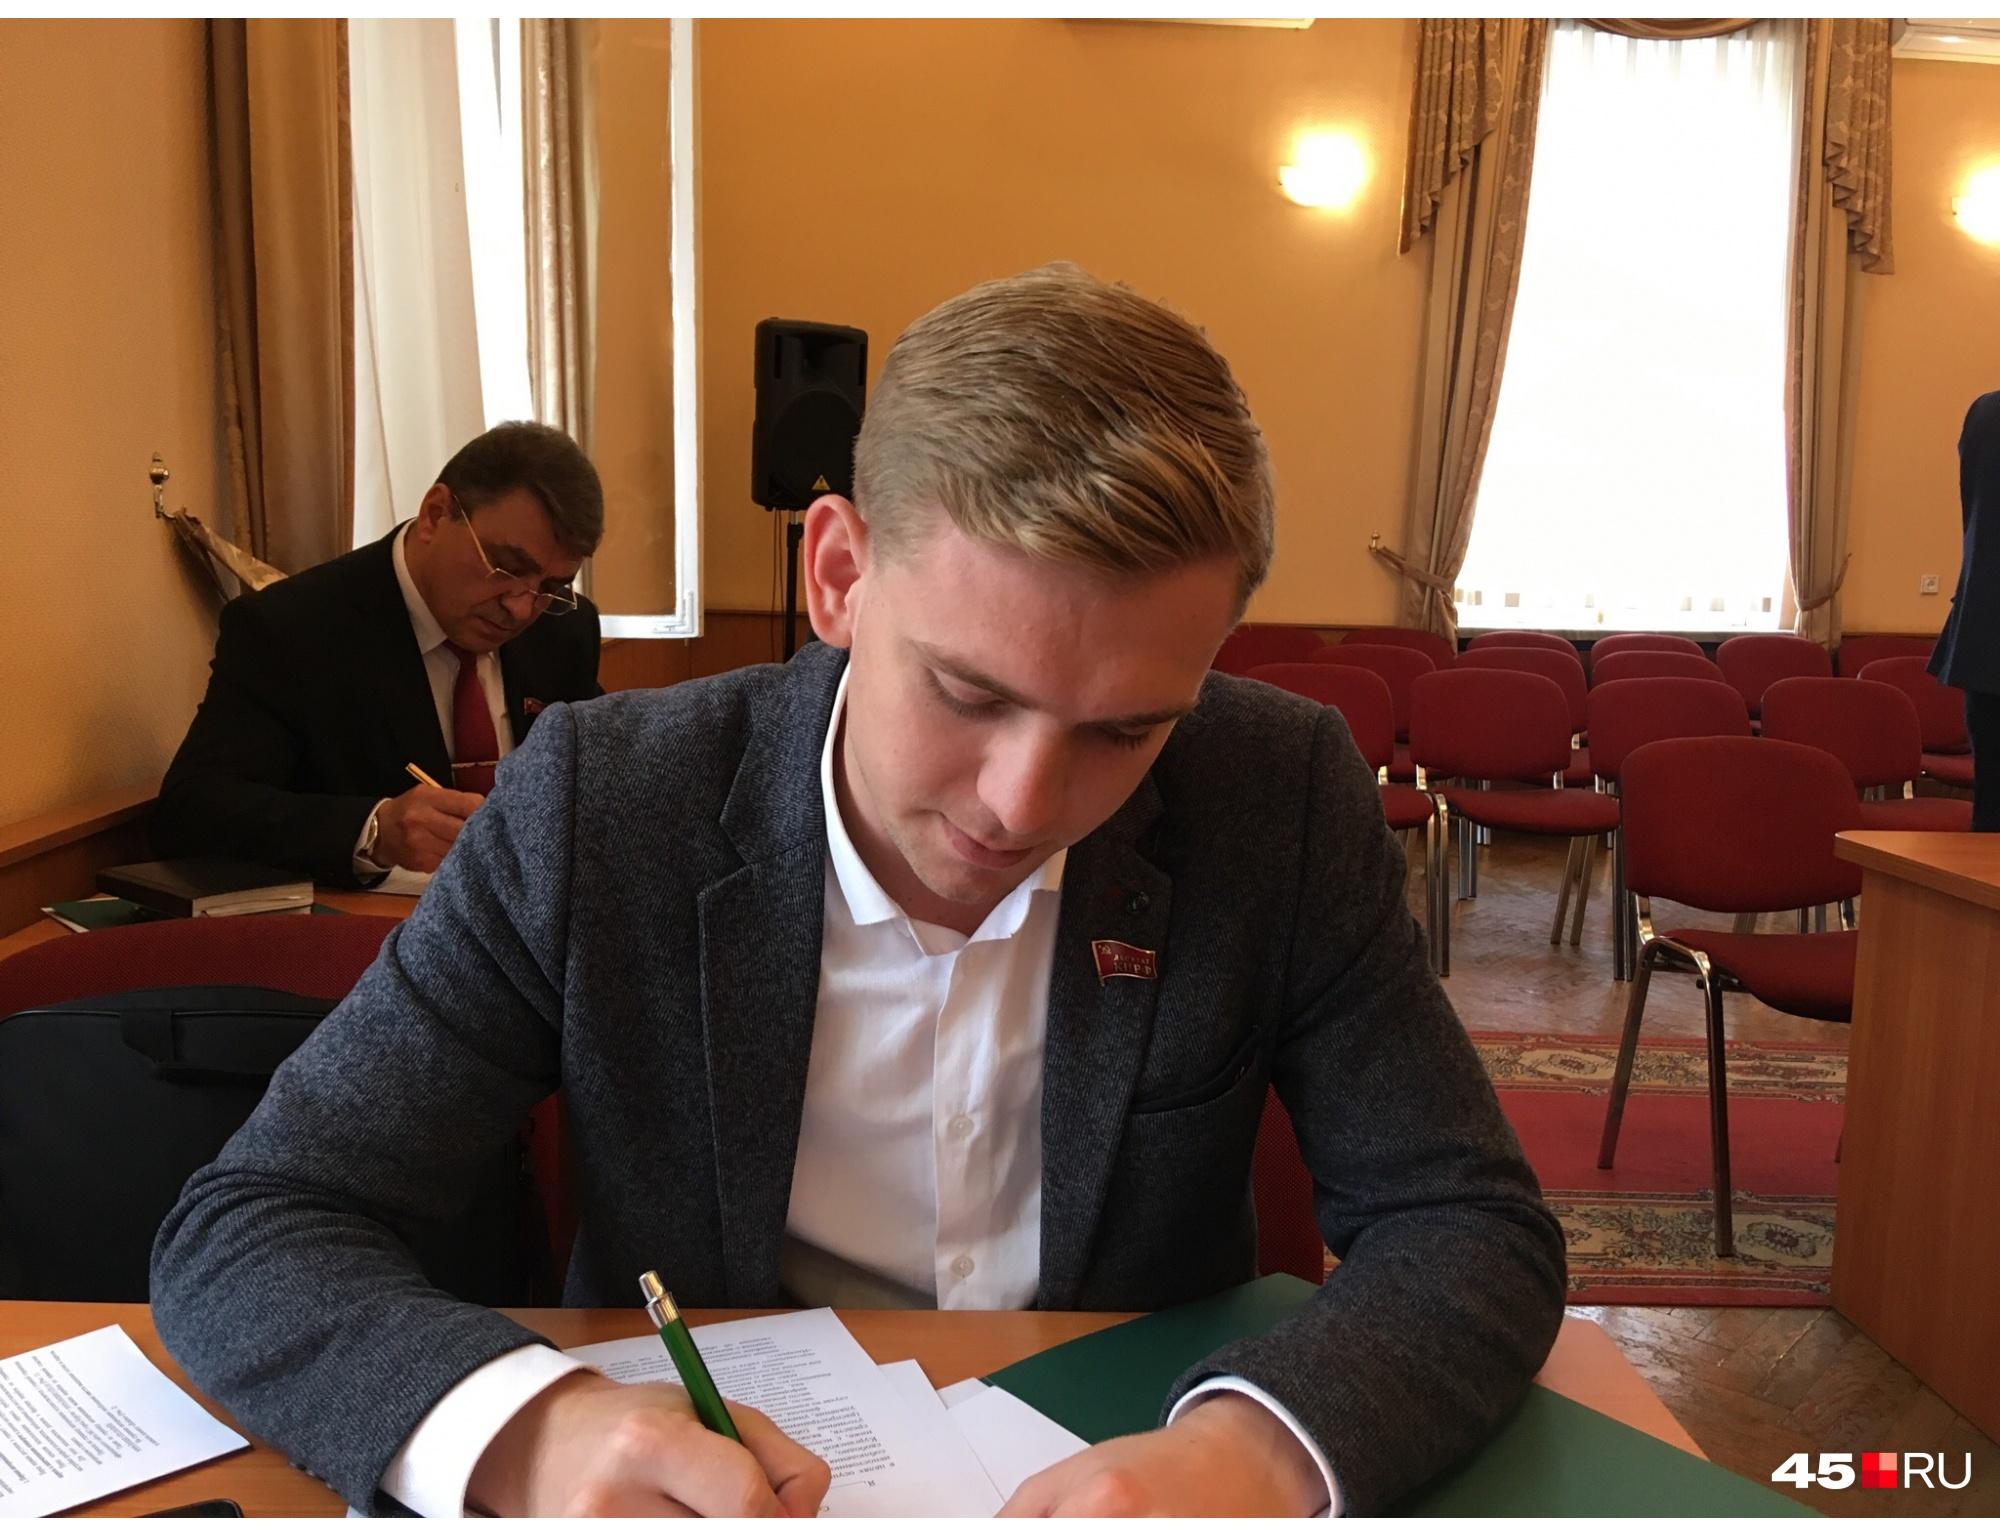 Максим Пивоваров известен тем, что работает ведущим на телеканалах, проводит торжества, праздники и свадьбы